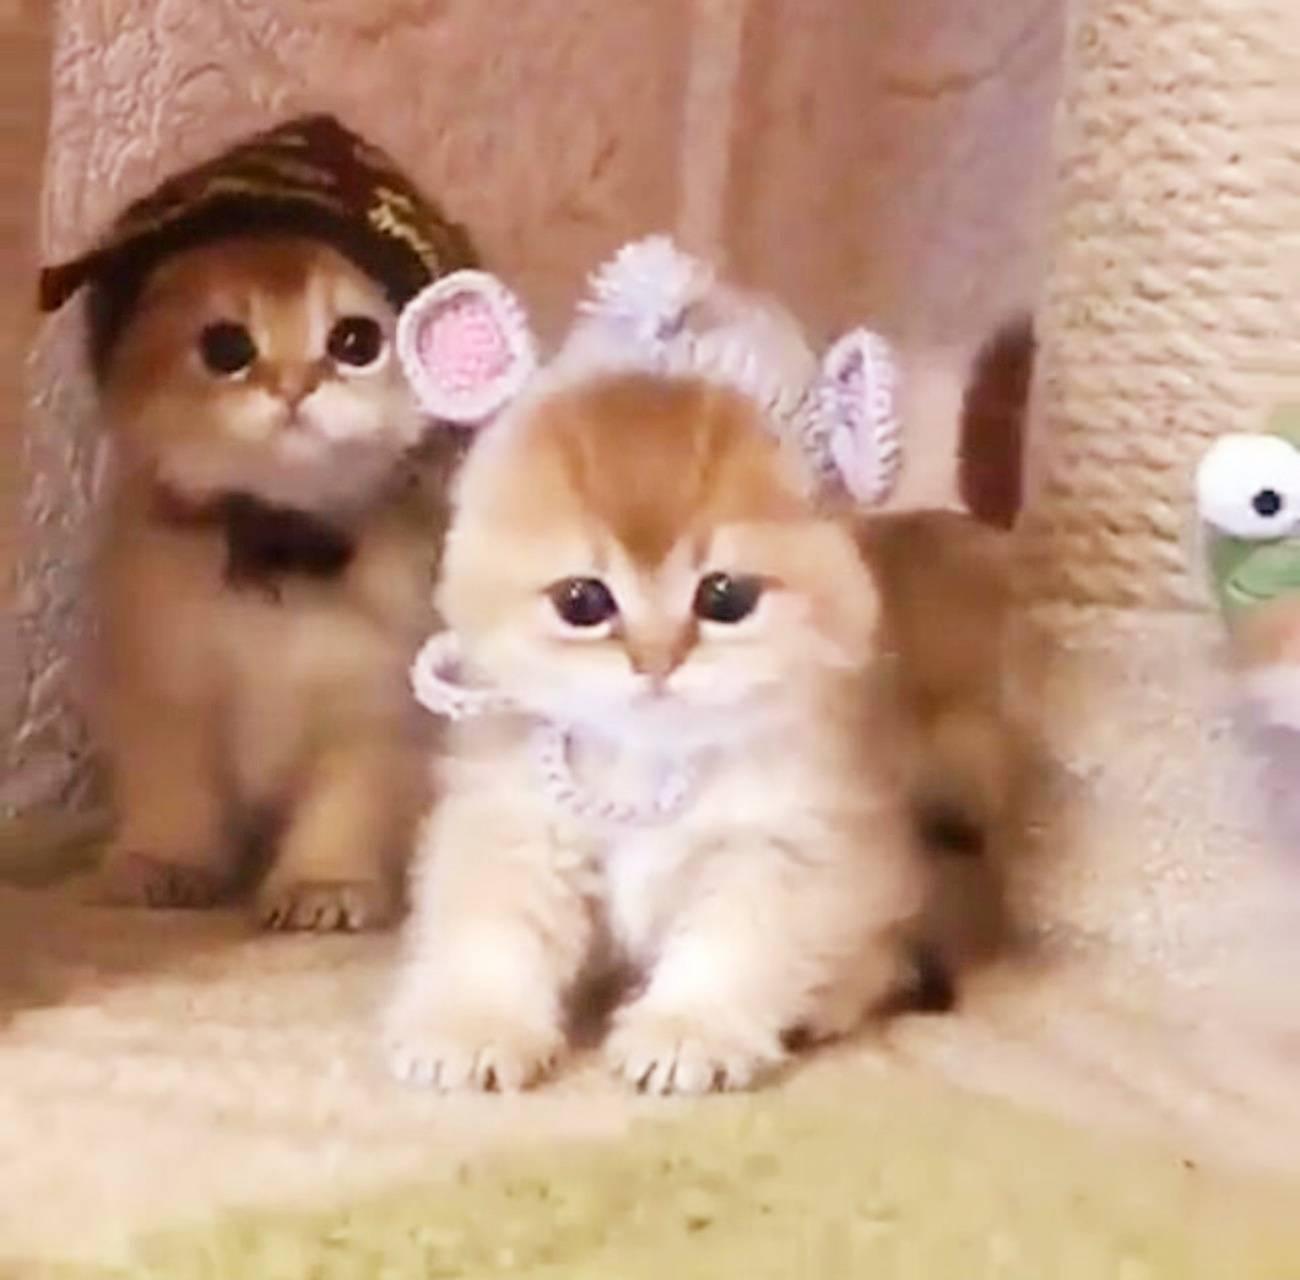 Baby girl kitten